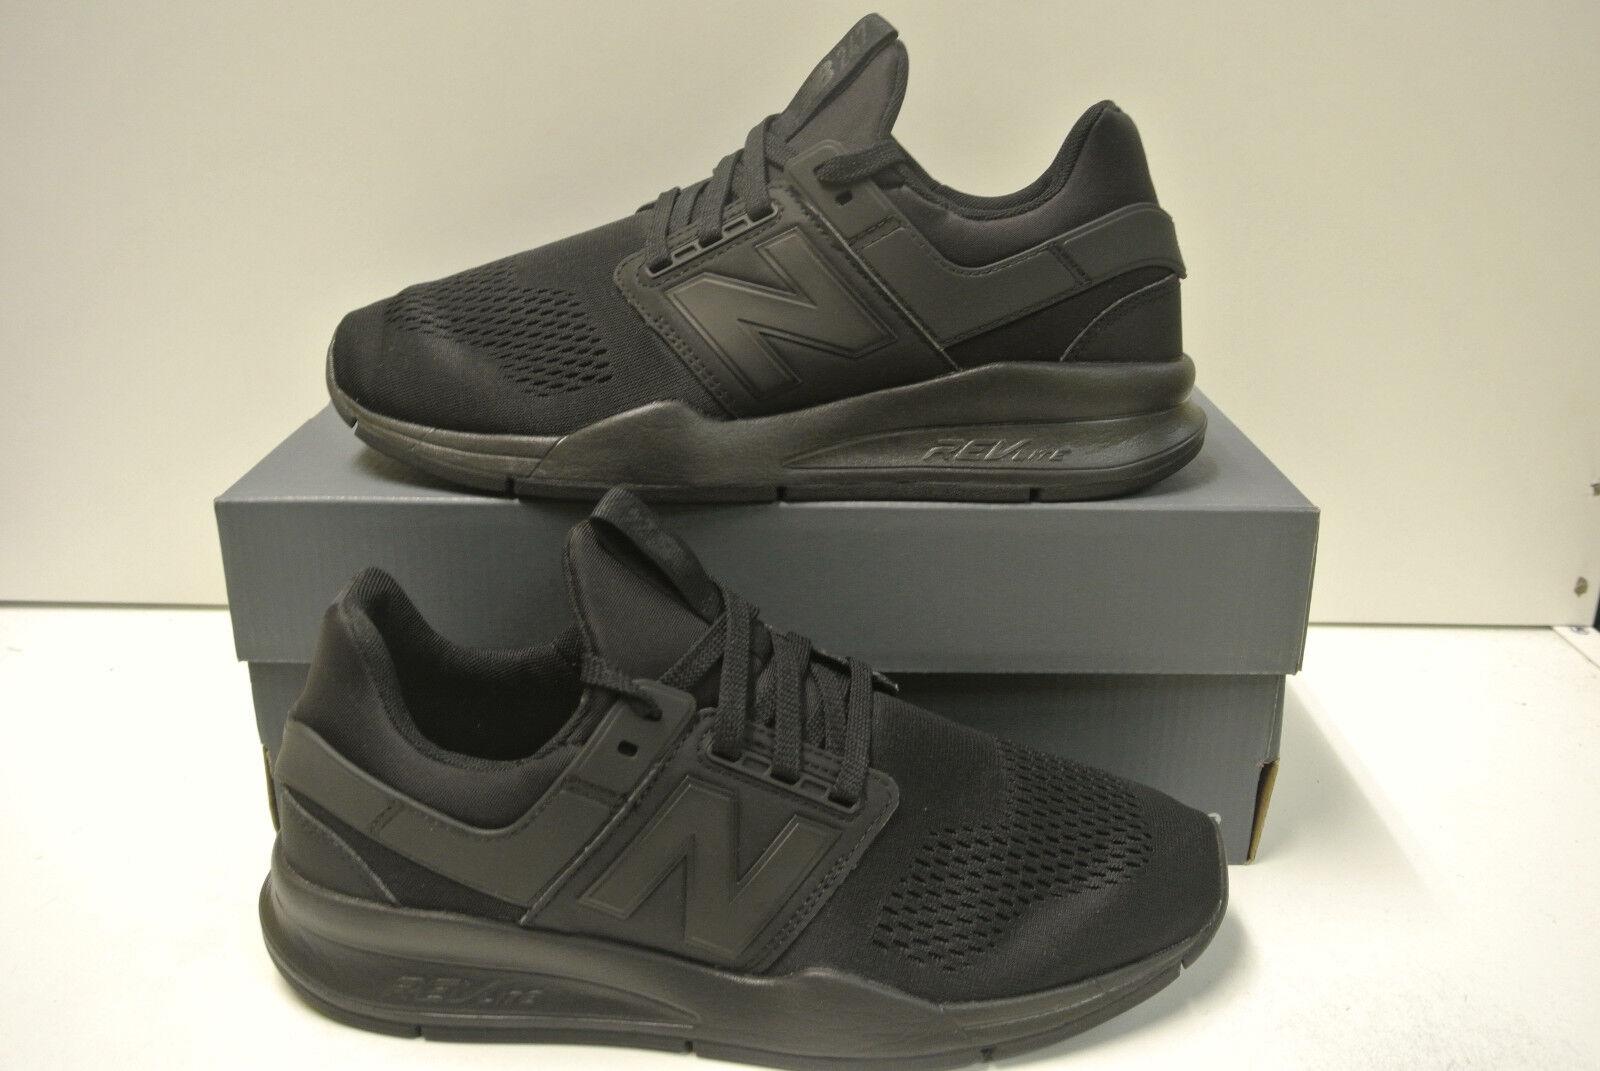 Originali Adidas Campus Lacci uomo da classeiche Sautope